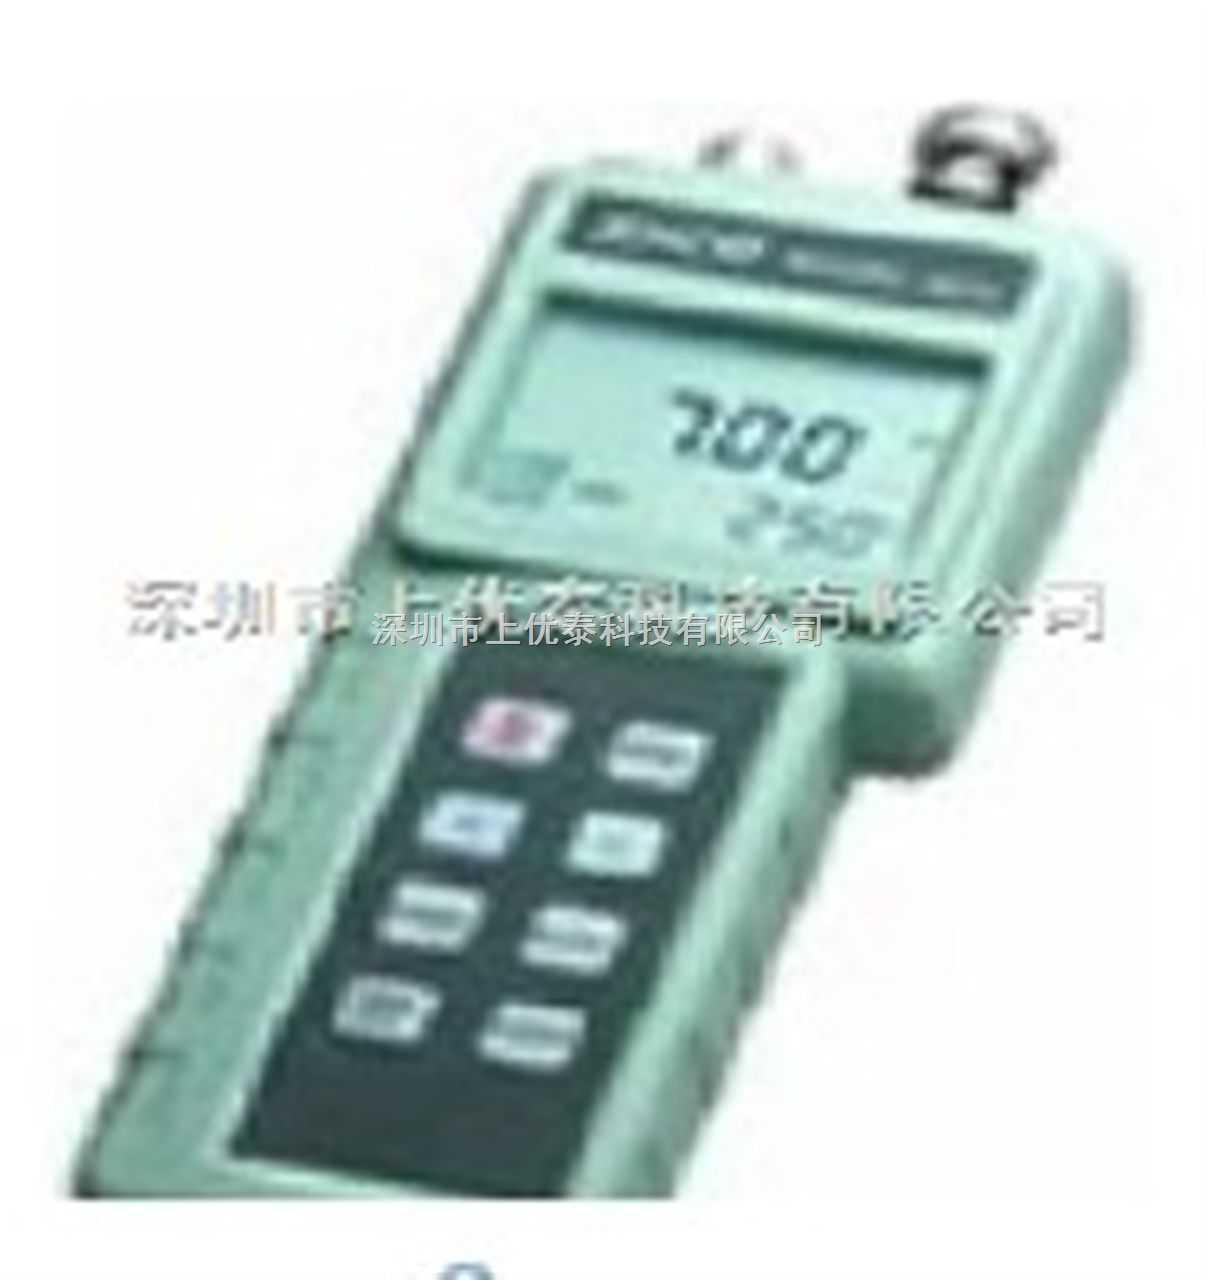 攜帶式負電位測試儀,便攜式負電位測試儀,手提式負電位測試儀